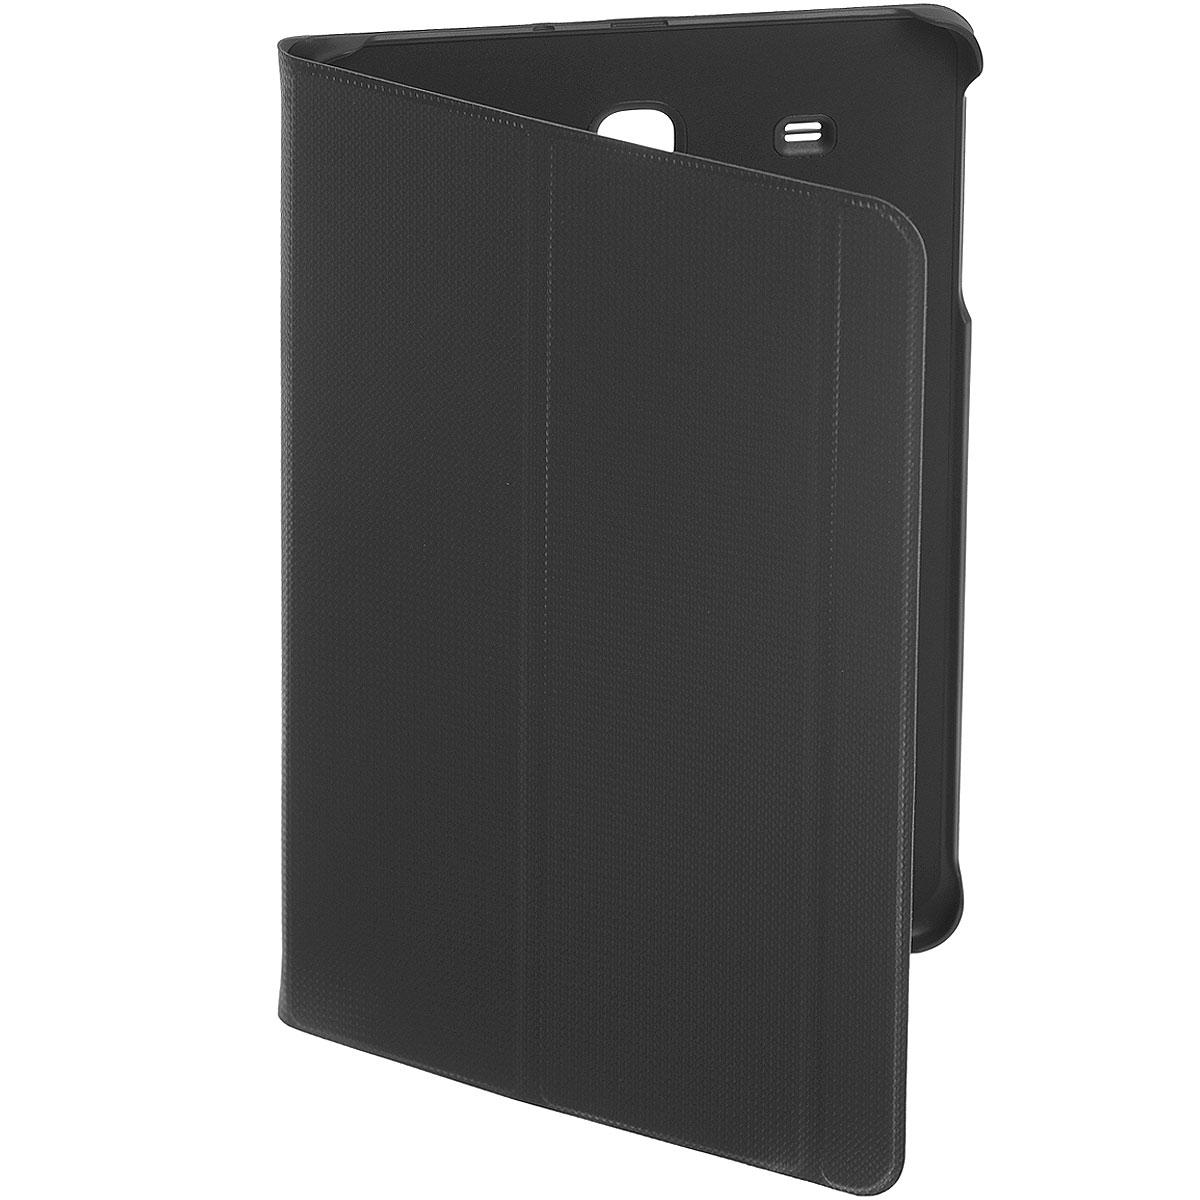 Samsung EF-BT560B BookCover чехол для Galaxy Tab E, BlackEF-BT560BBEGRUЧехол Samsung EF-BT560B BookCover для Galaxy Tab E создан для защиты корпуса и экрана смартфона от внешних воздействий и продления срока его эксплуатации. Для удобства чехол имеет 2 трансформации (подставка и набор текста) и автоматическое включение/выключение экрана при открытии/закрытии чехла.